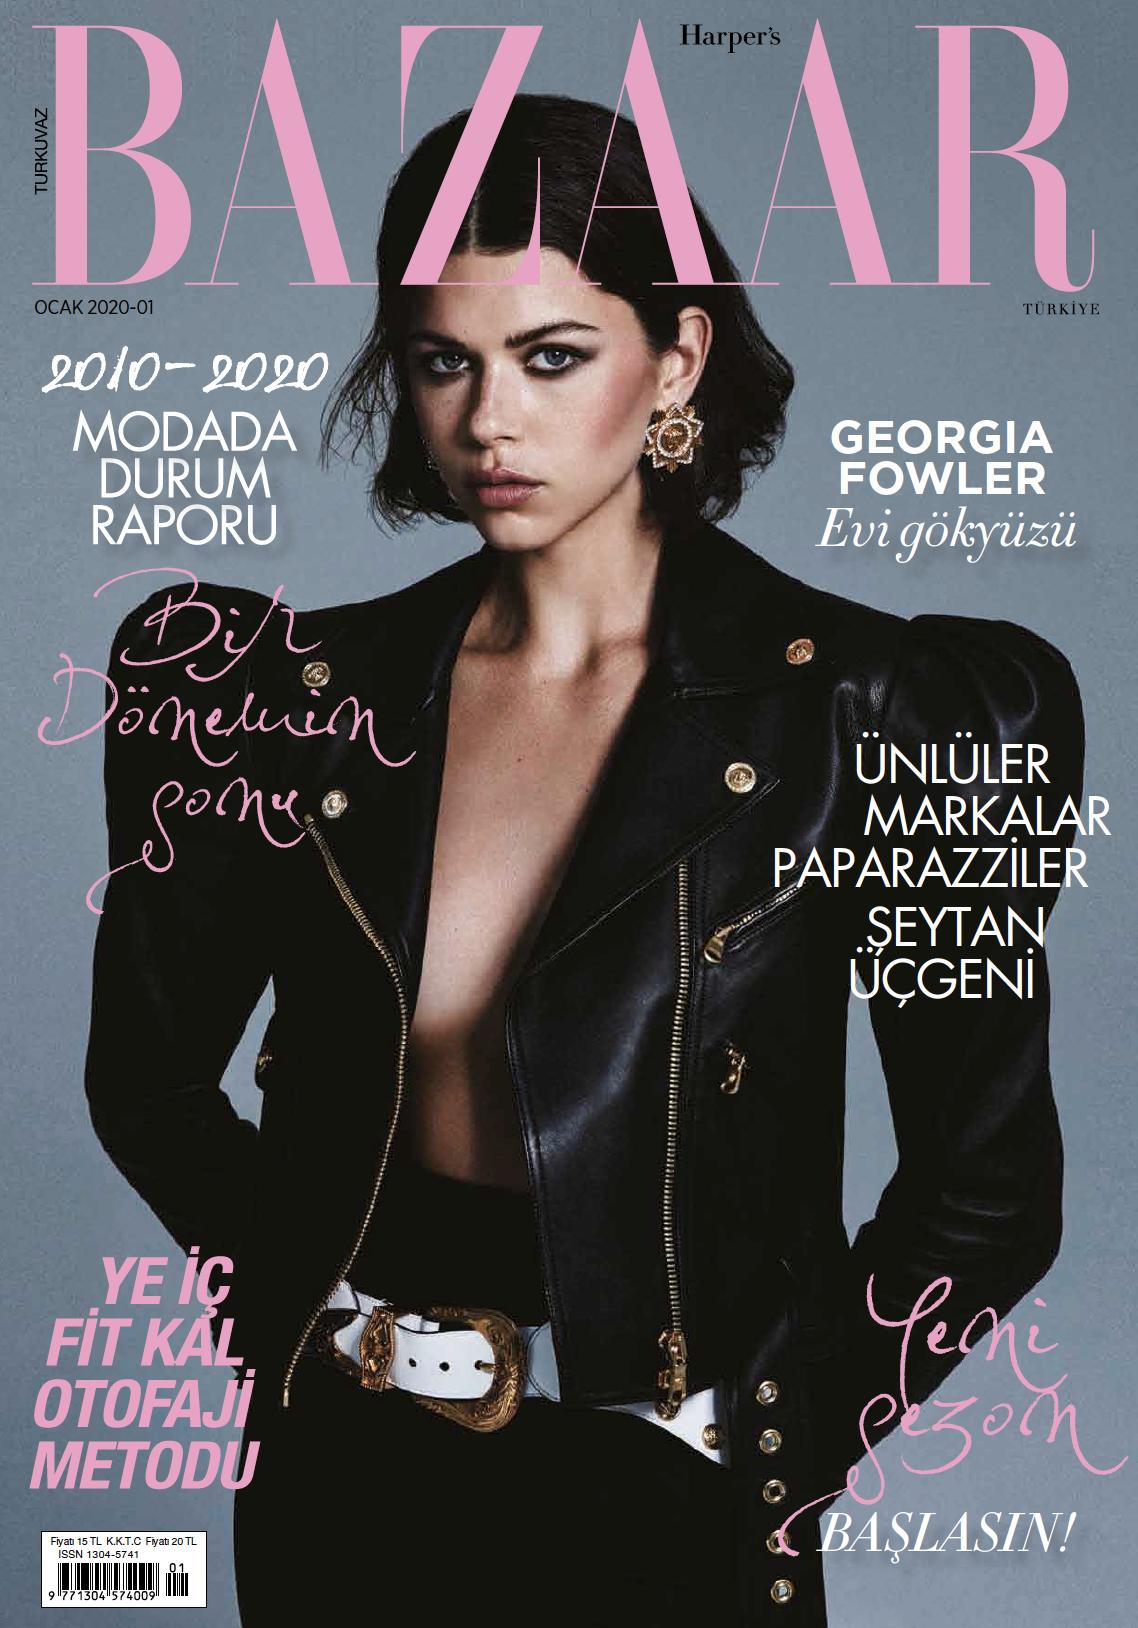 Georgia Fowler for Harpers Bazaar Türkiye